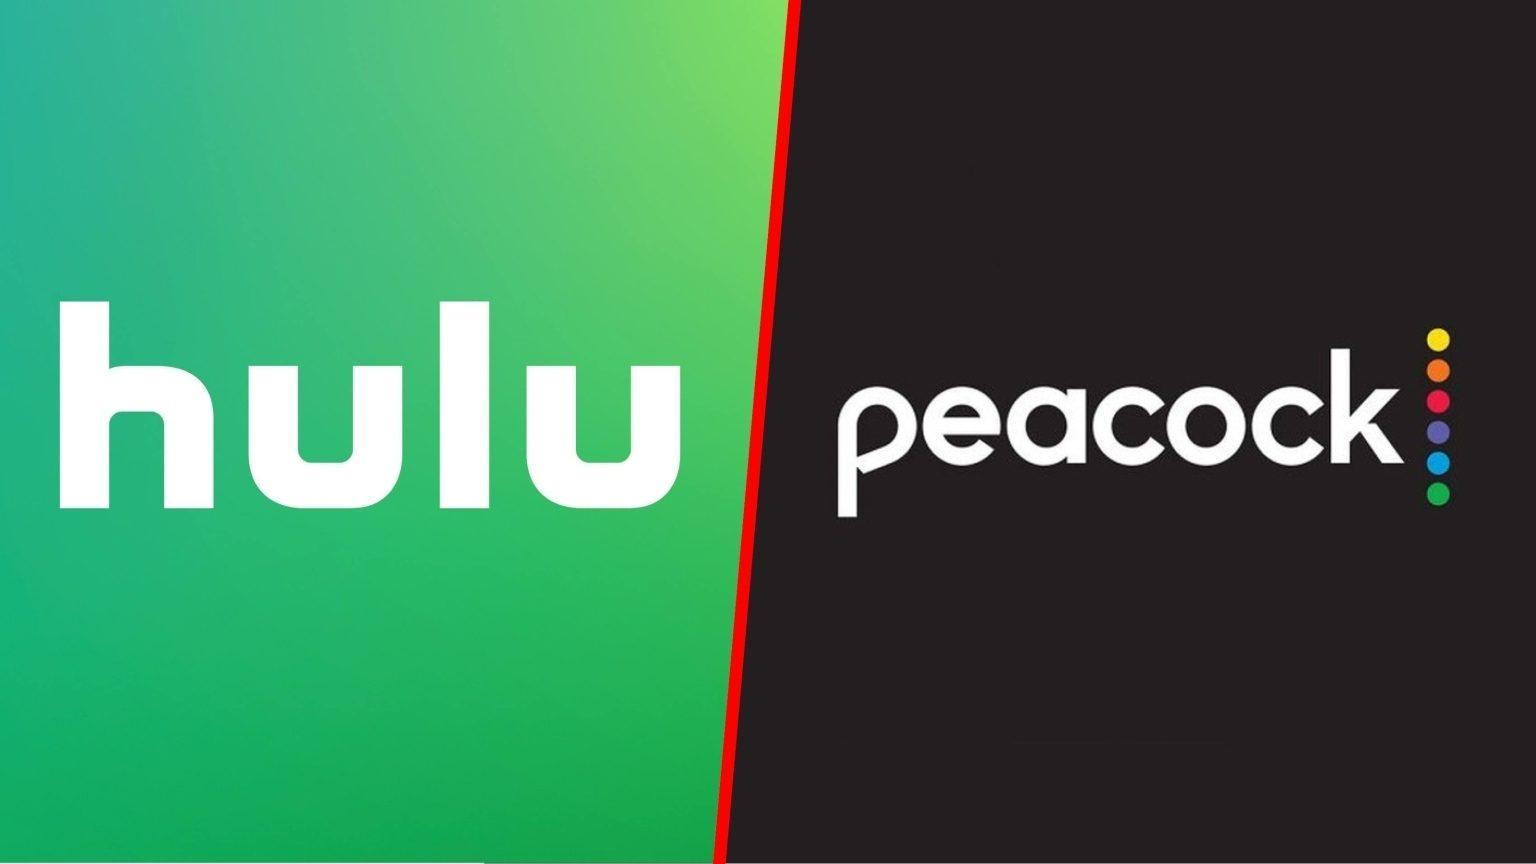 Hulu vs Peacock